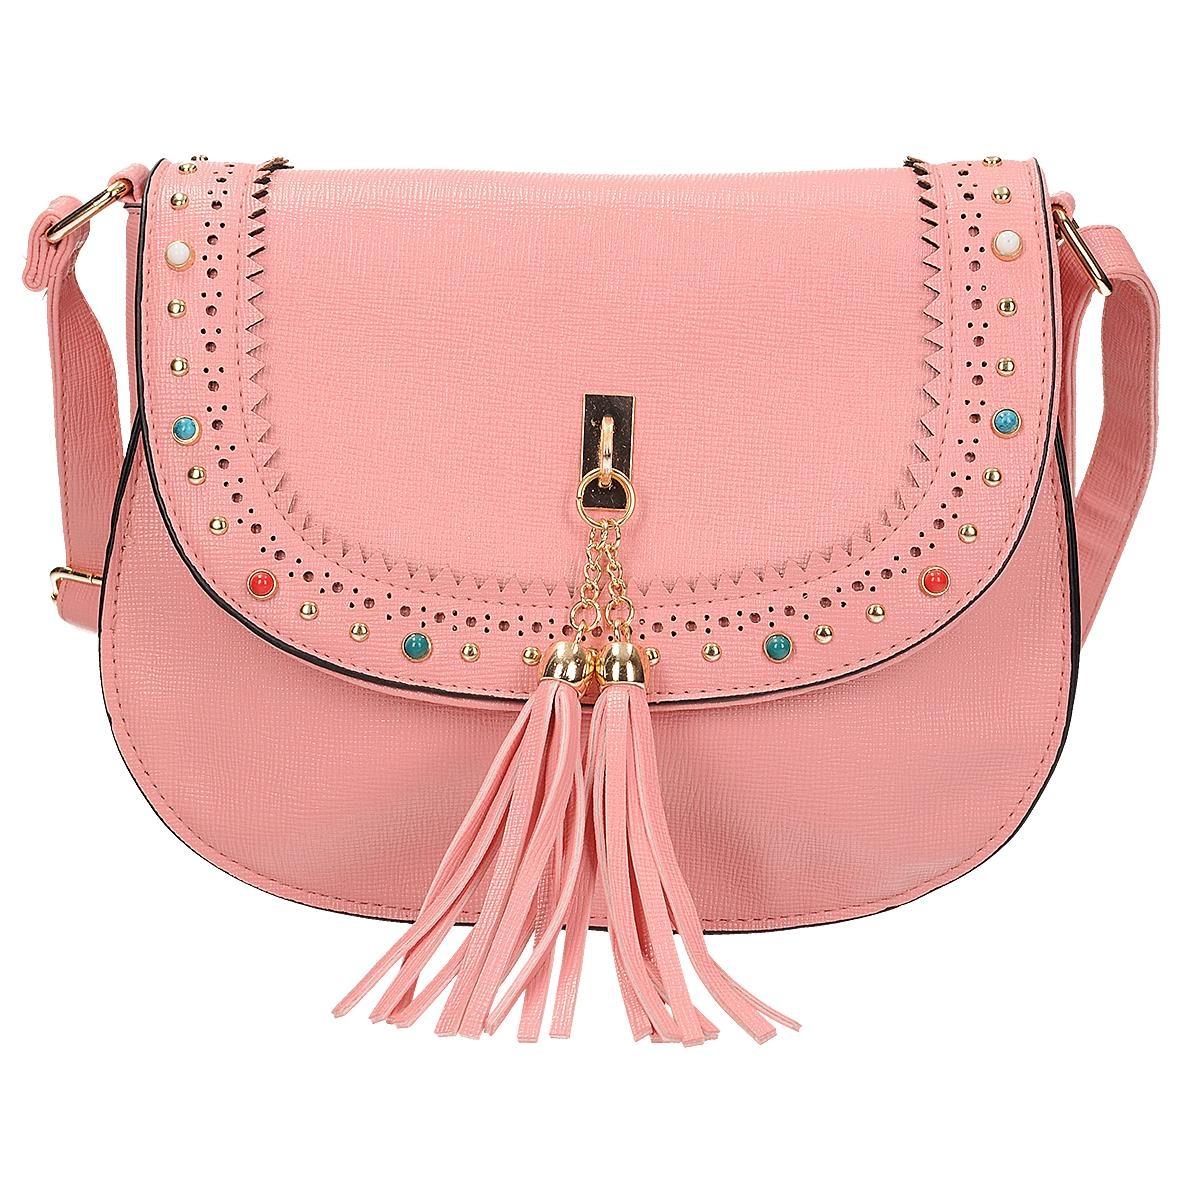 ad1bb66089 Růžová crossbody kabelka s barevnými kamínky